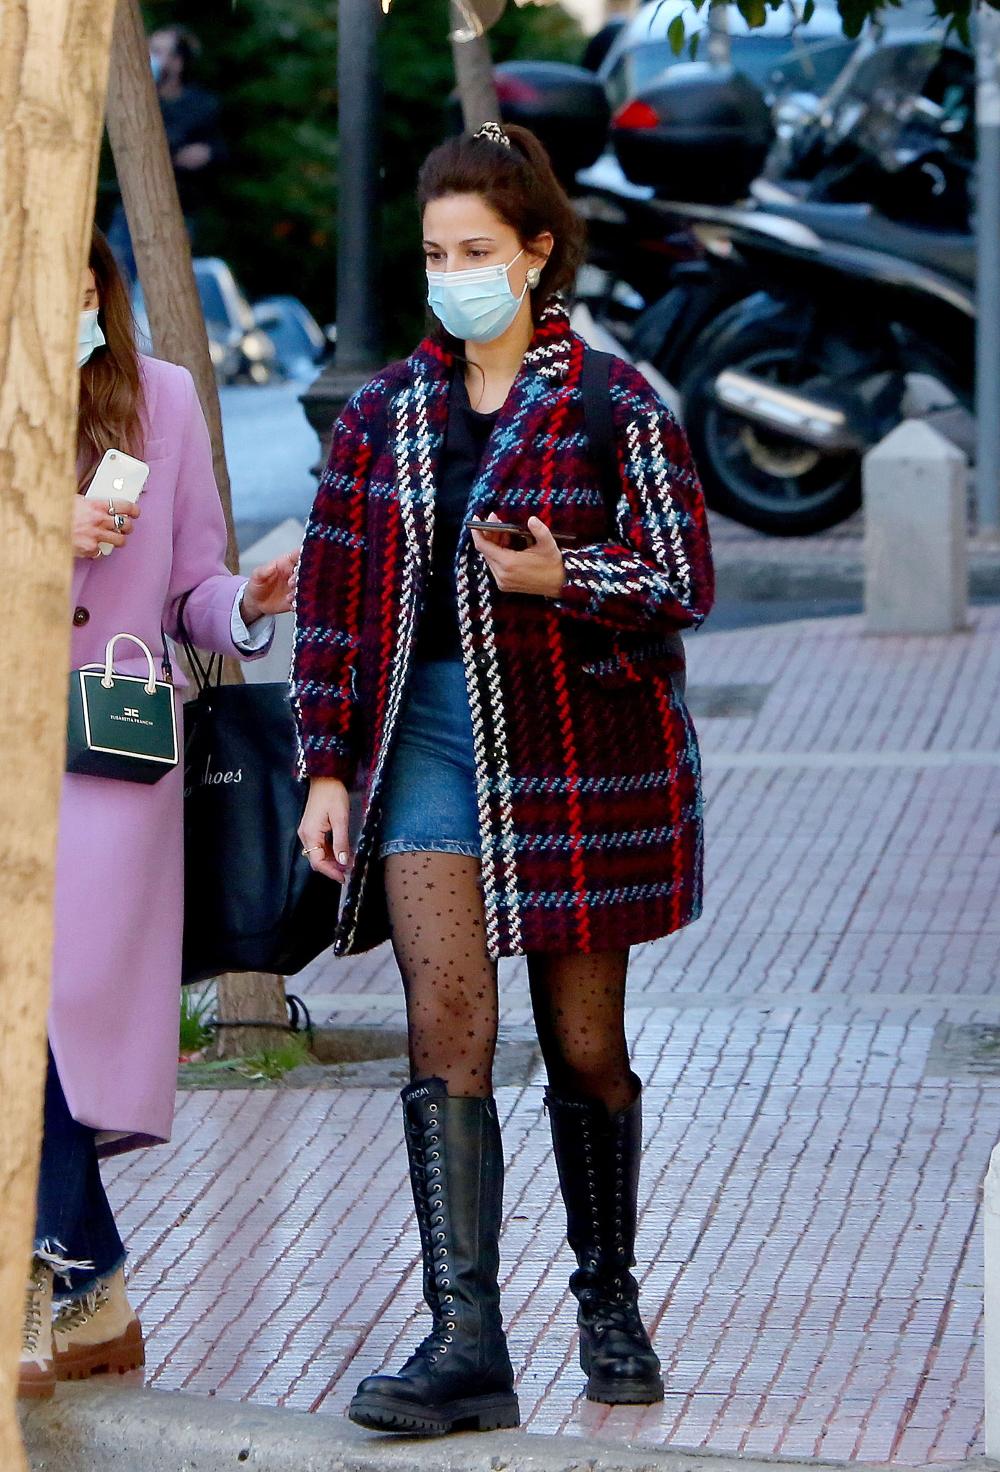 Η Κατερίνα Παπουτσάκη σε μία διαφορετική χειμωνιάτικη εμφάνιση που μπορείς να αντιγράψεις! (εικόνες)